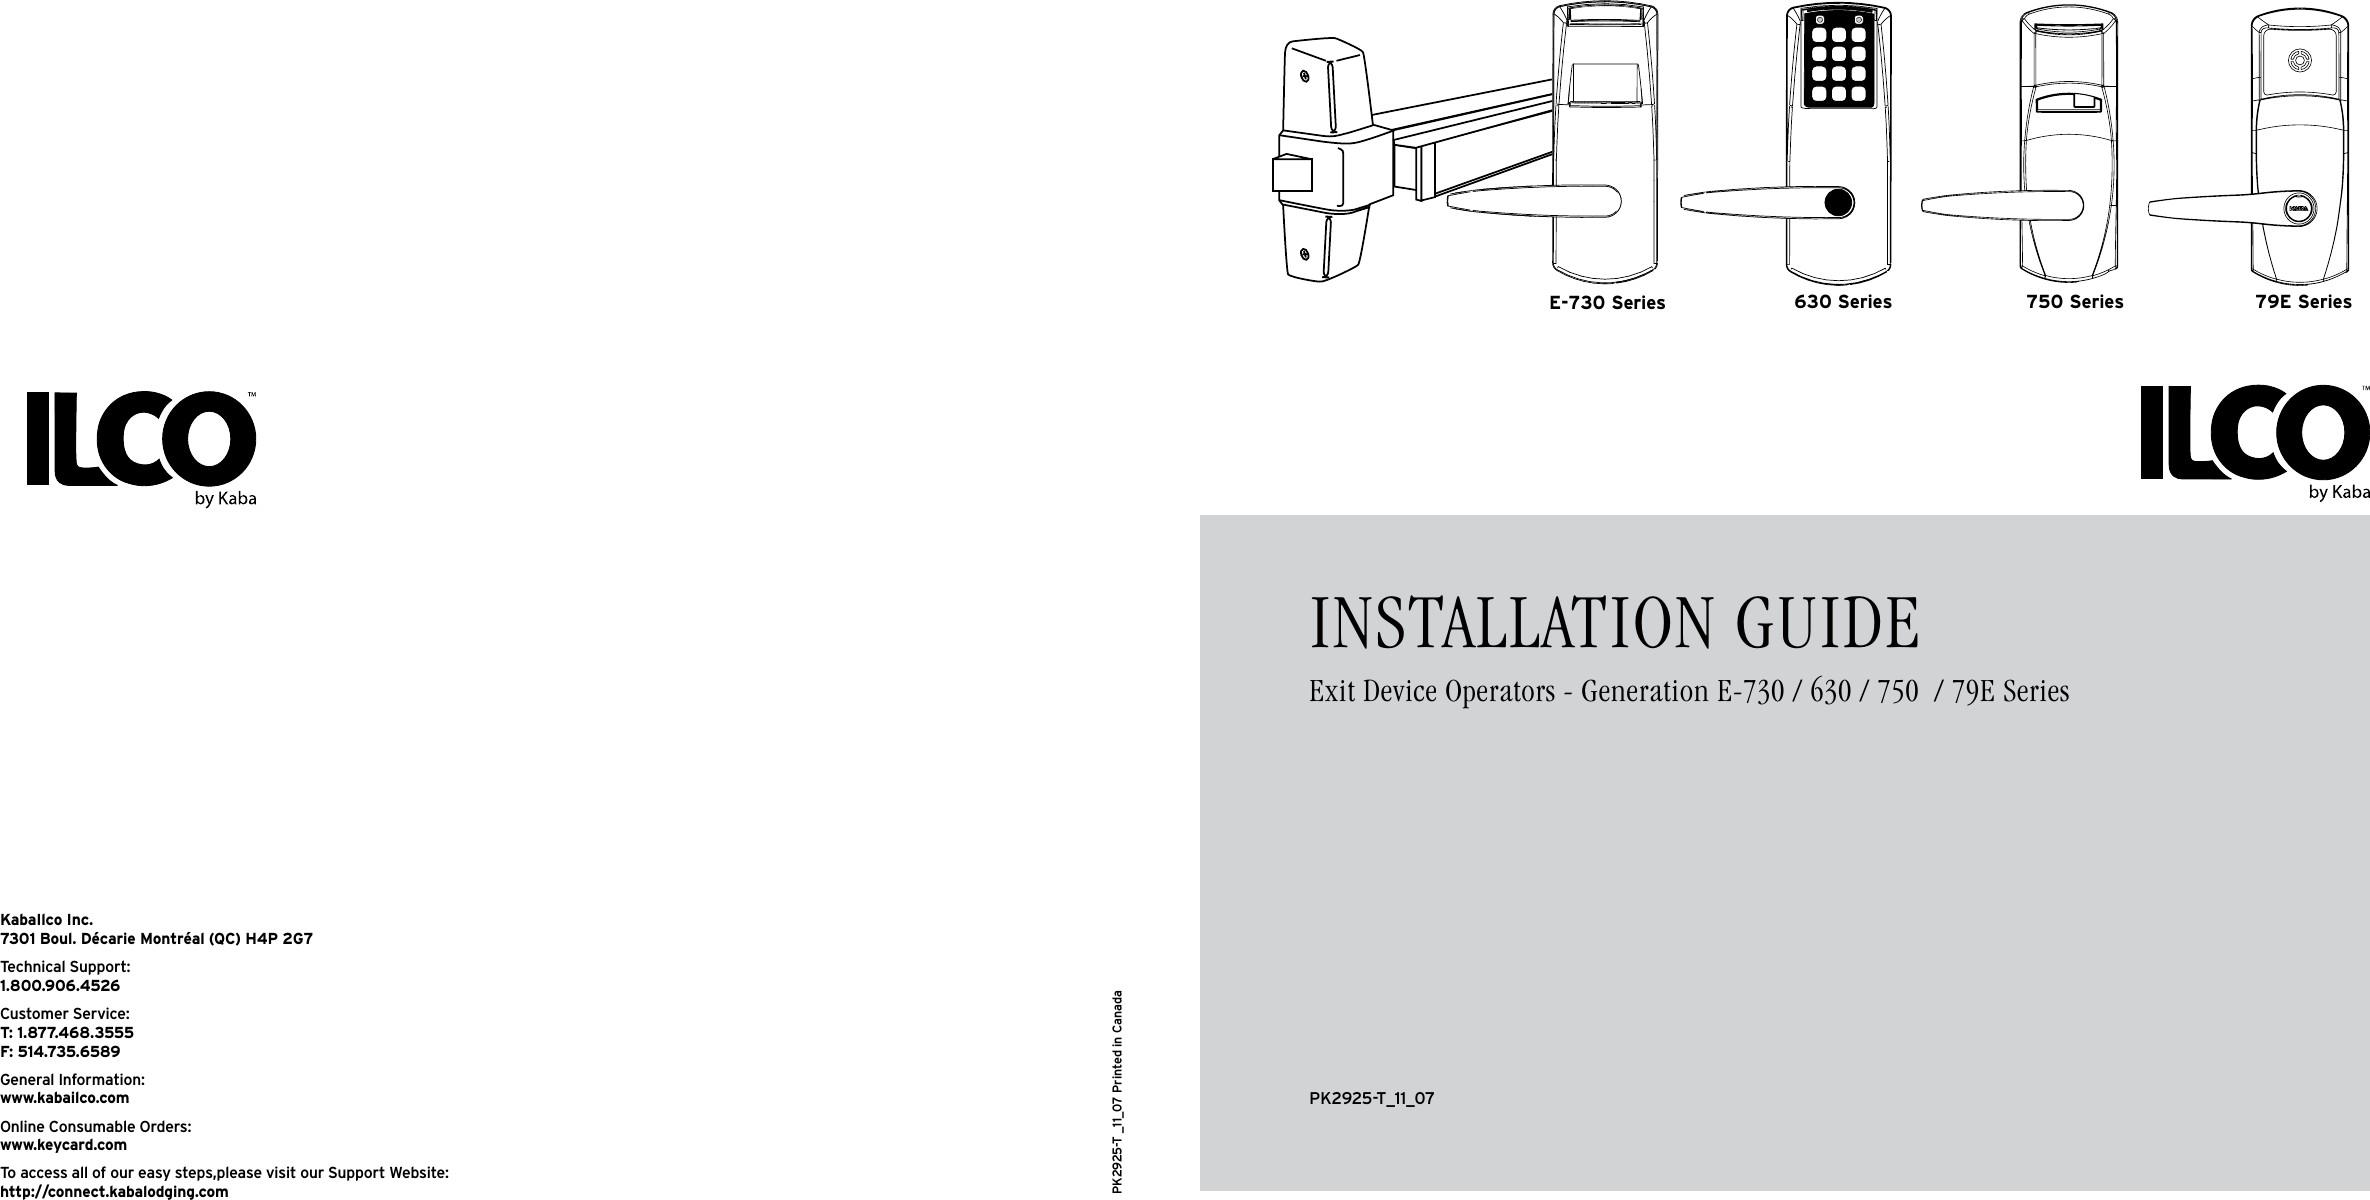 Door Locking Mechanism Diagram Csc790 Door Lock User Manual Manual Kaba Ilco Inc Of Door Locking Mechanism Diagram